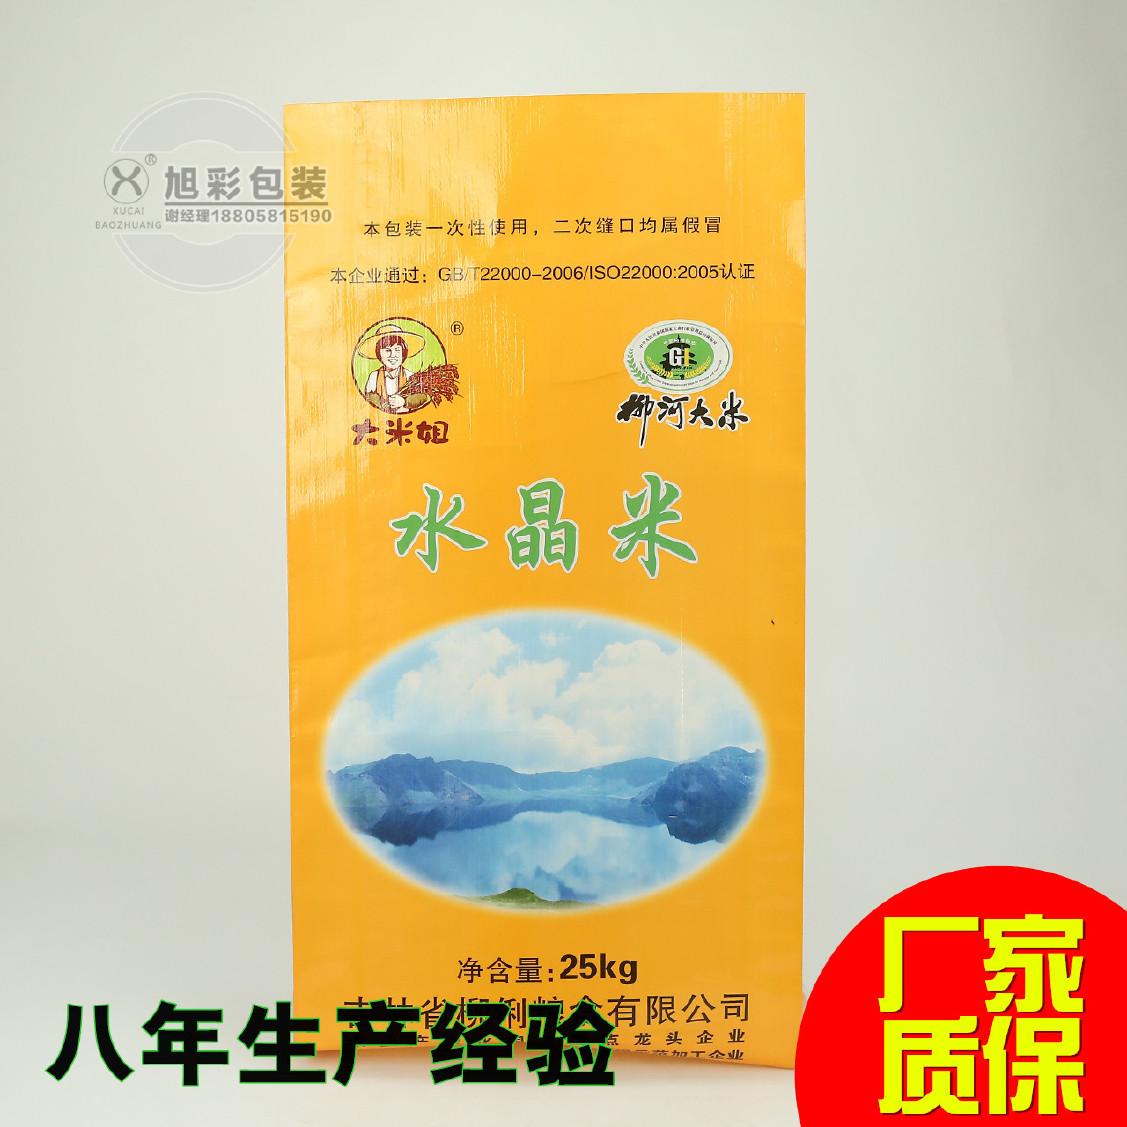 厂家批发定做食品大米袋收纳加厚PP塑料复合蛇皮编织袋子定制logo图片